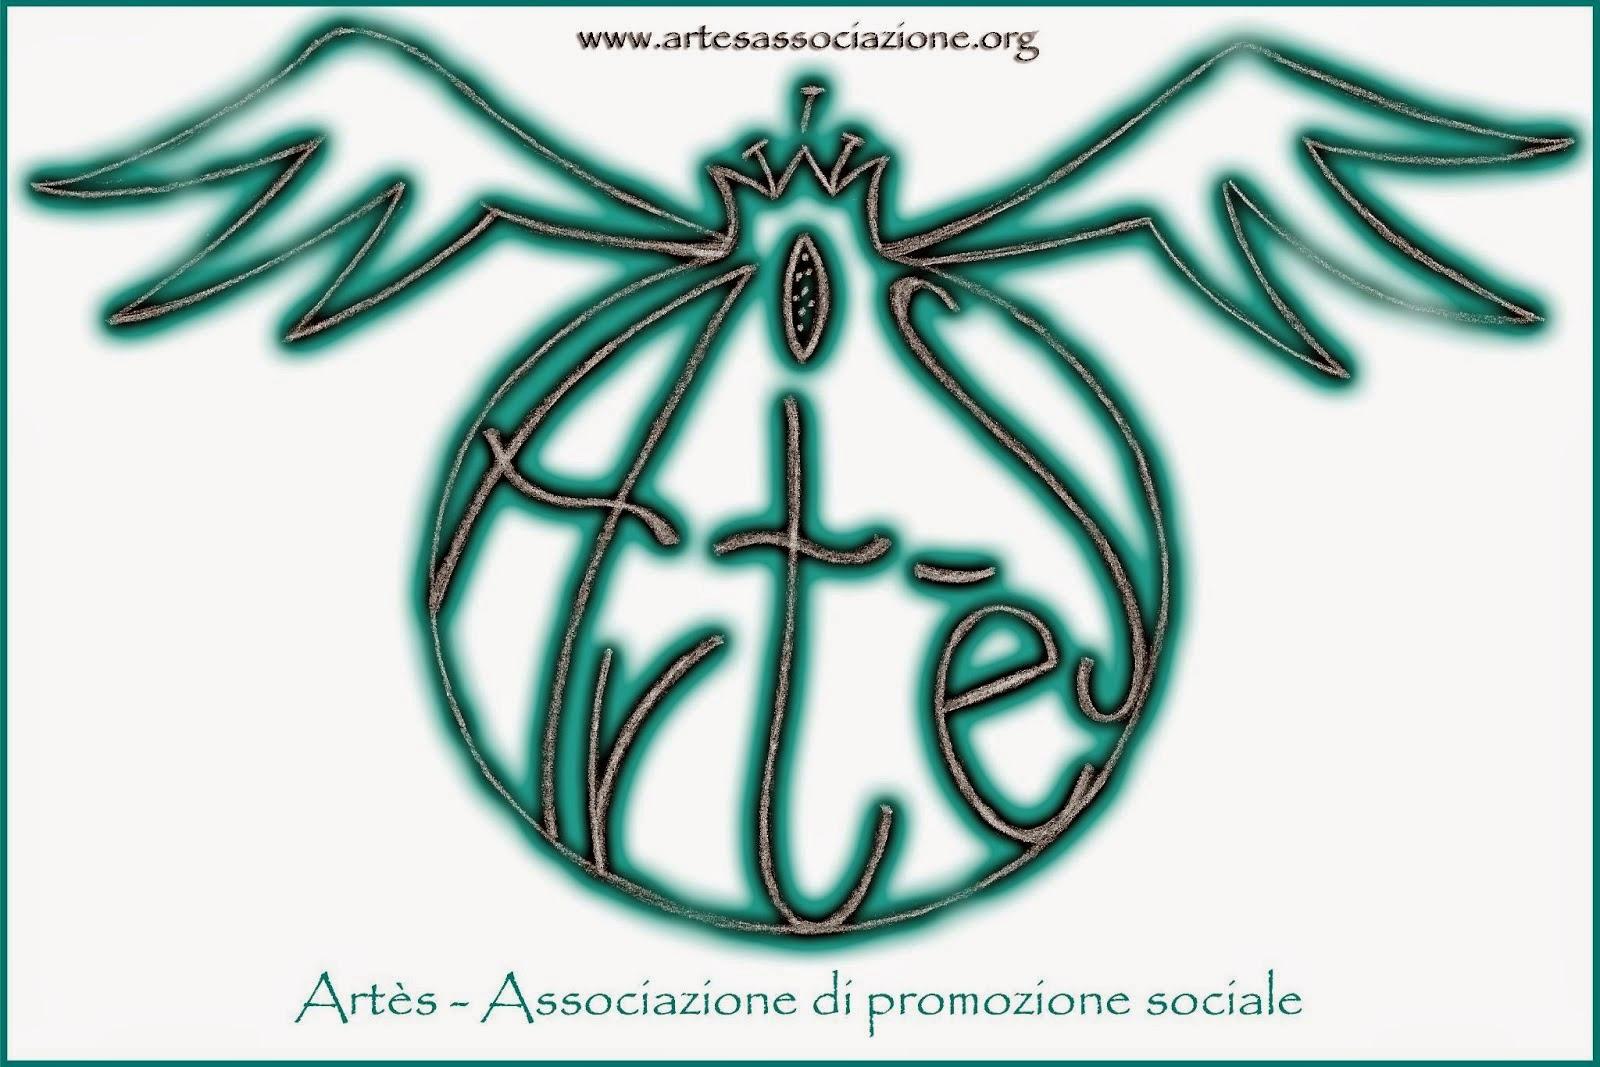 In collaborazione con Associazione Artès